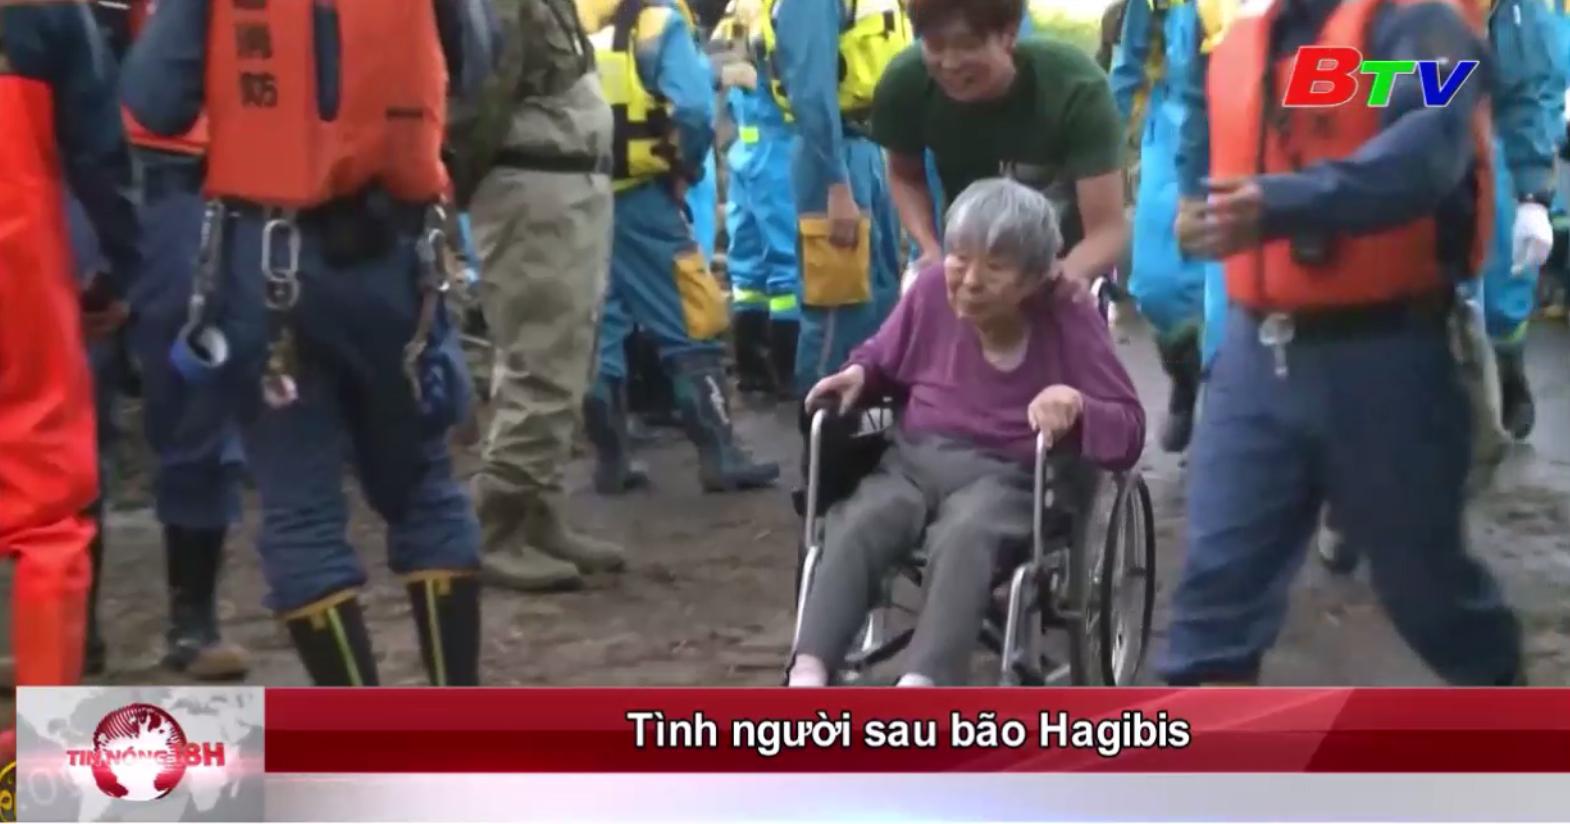 Tình người sau bão Hagibis